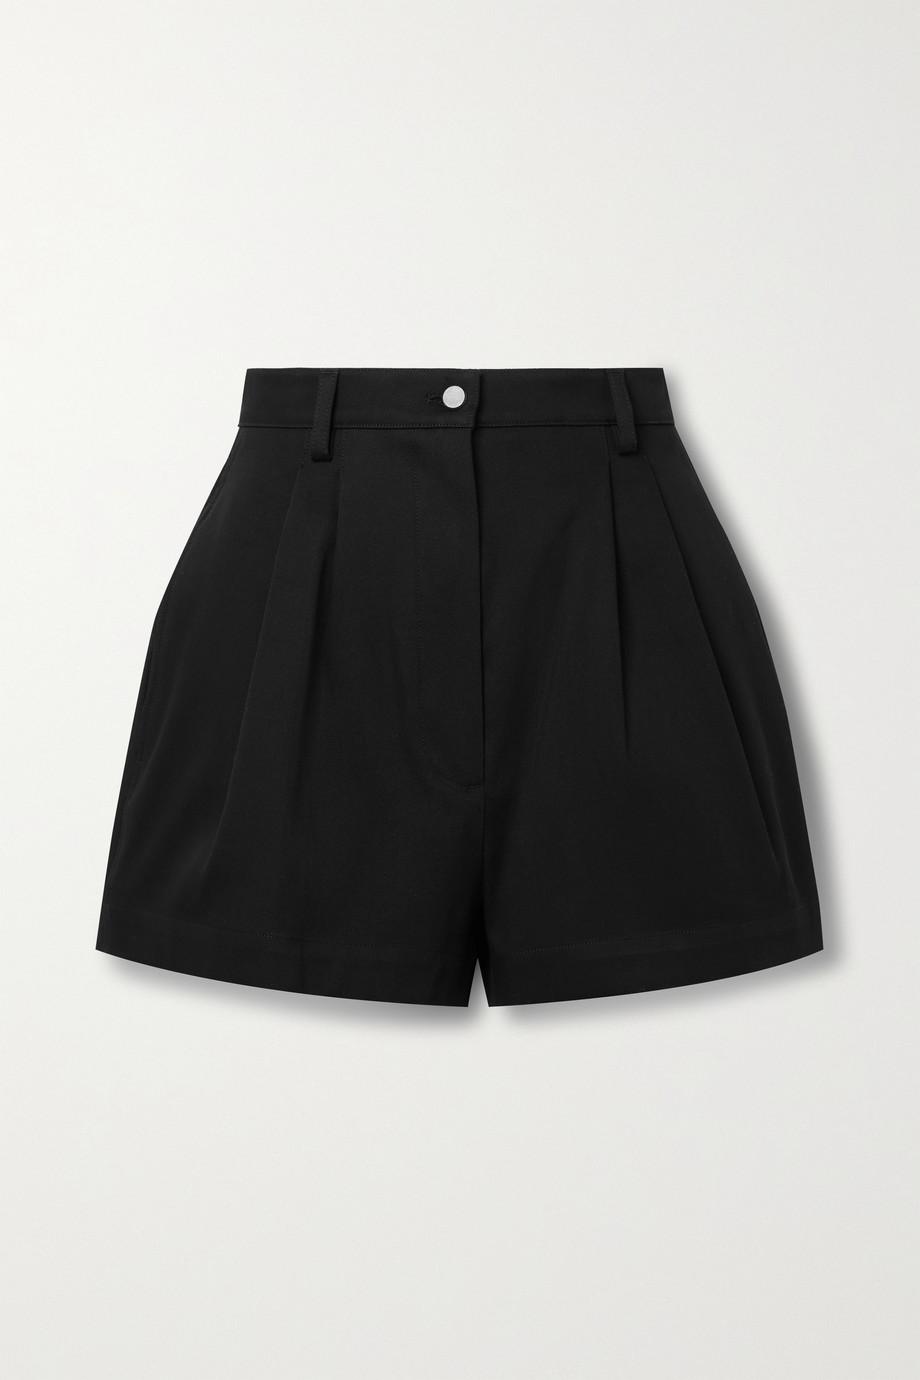 Alaïa 褶裥纯棉华达呢短裤